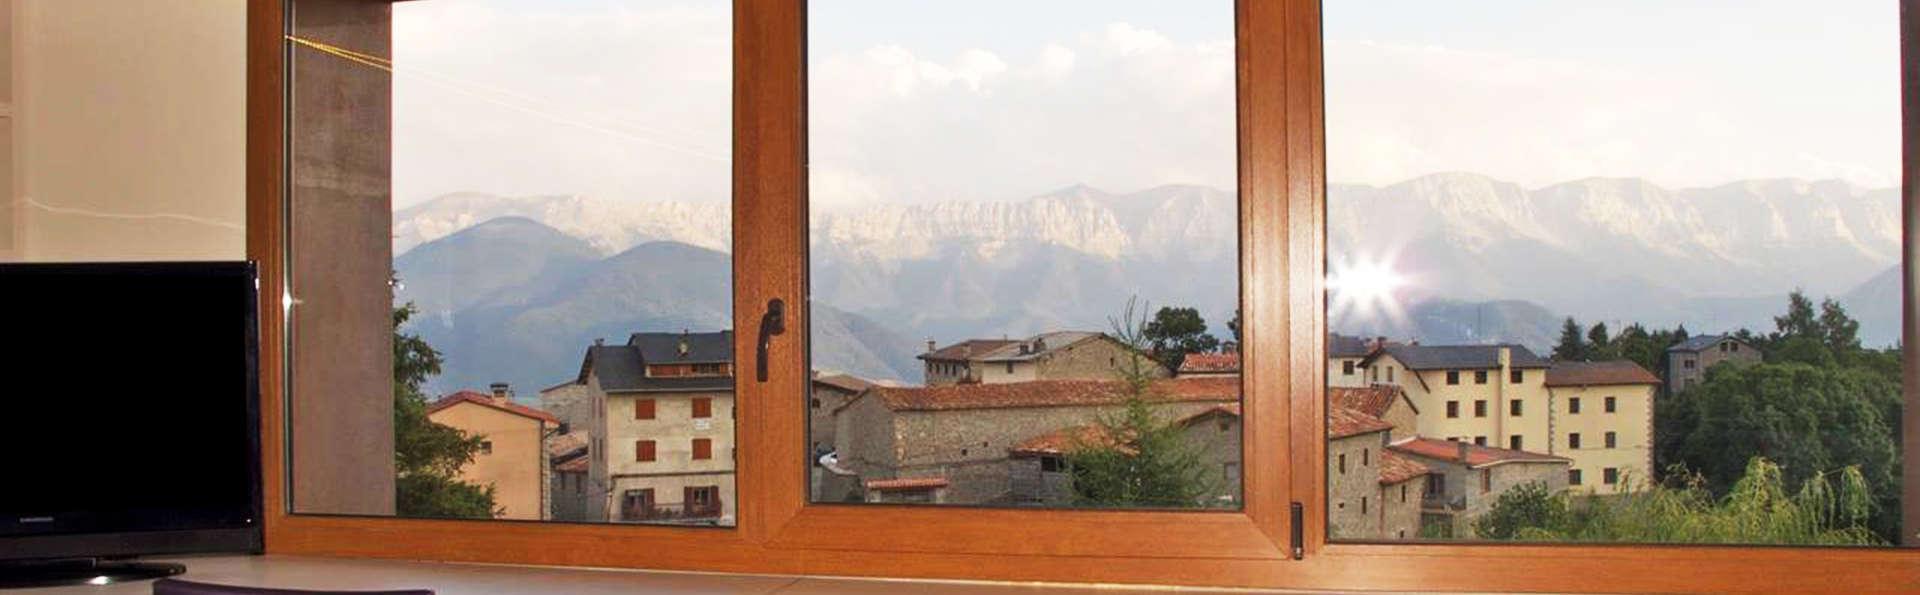 Hotel Mirador - EDIT_roomview.jpg